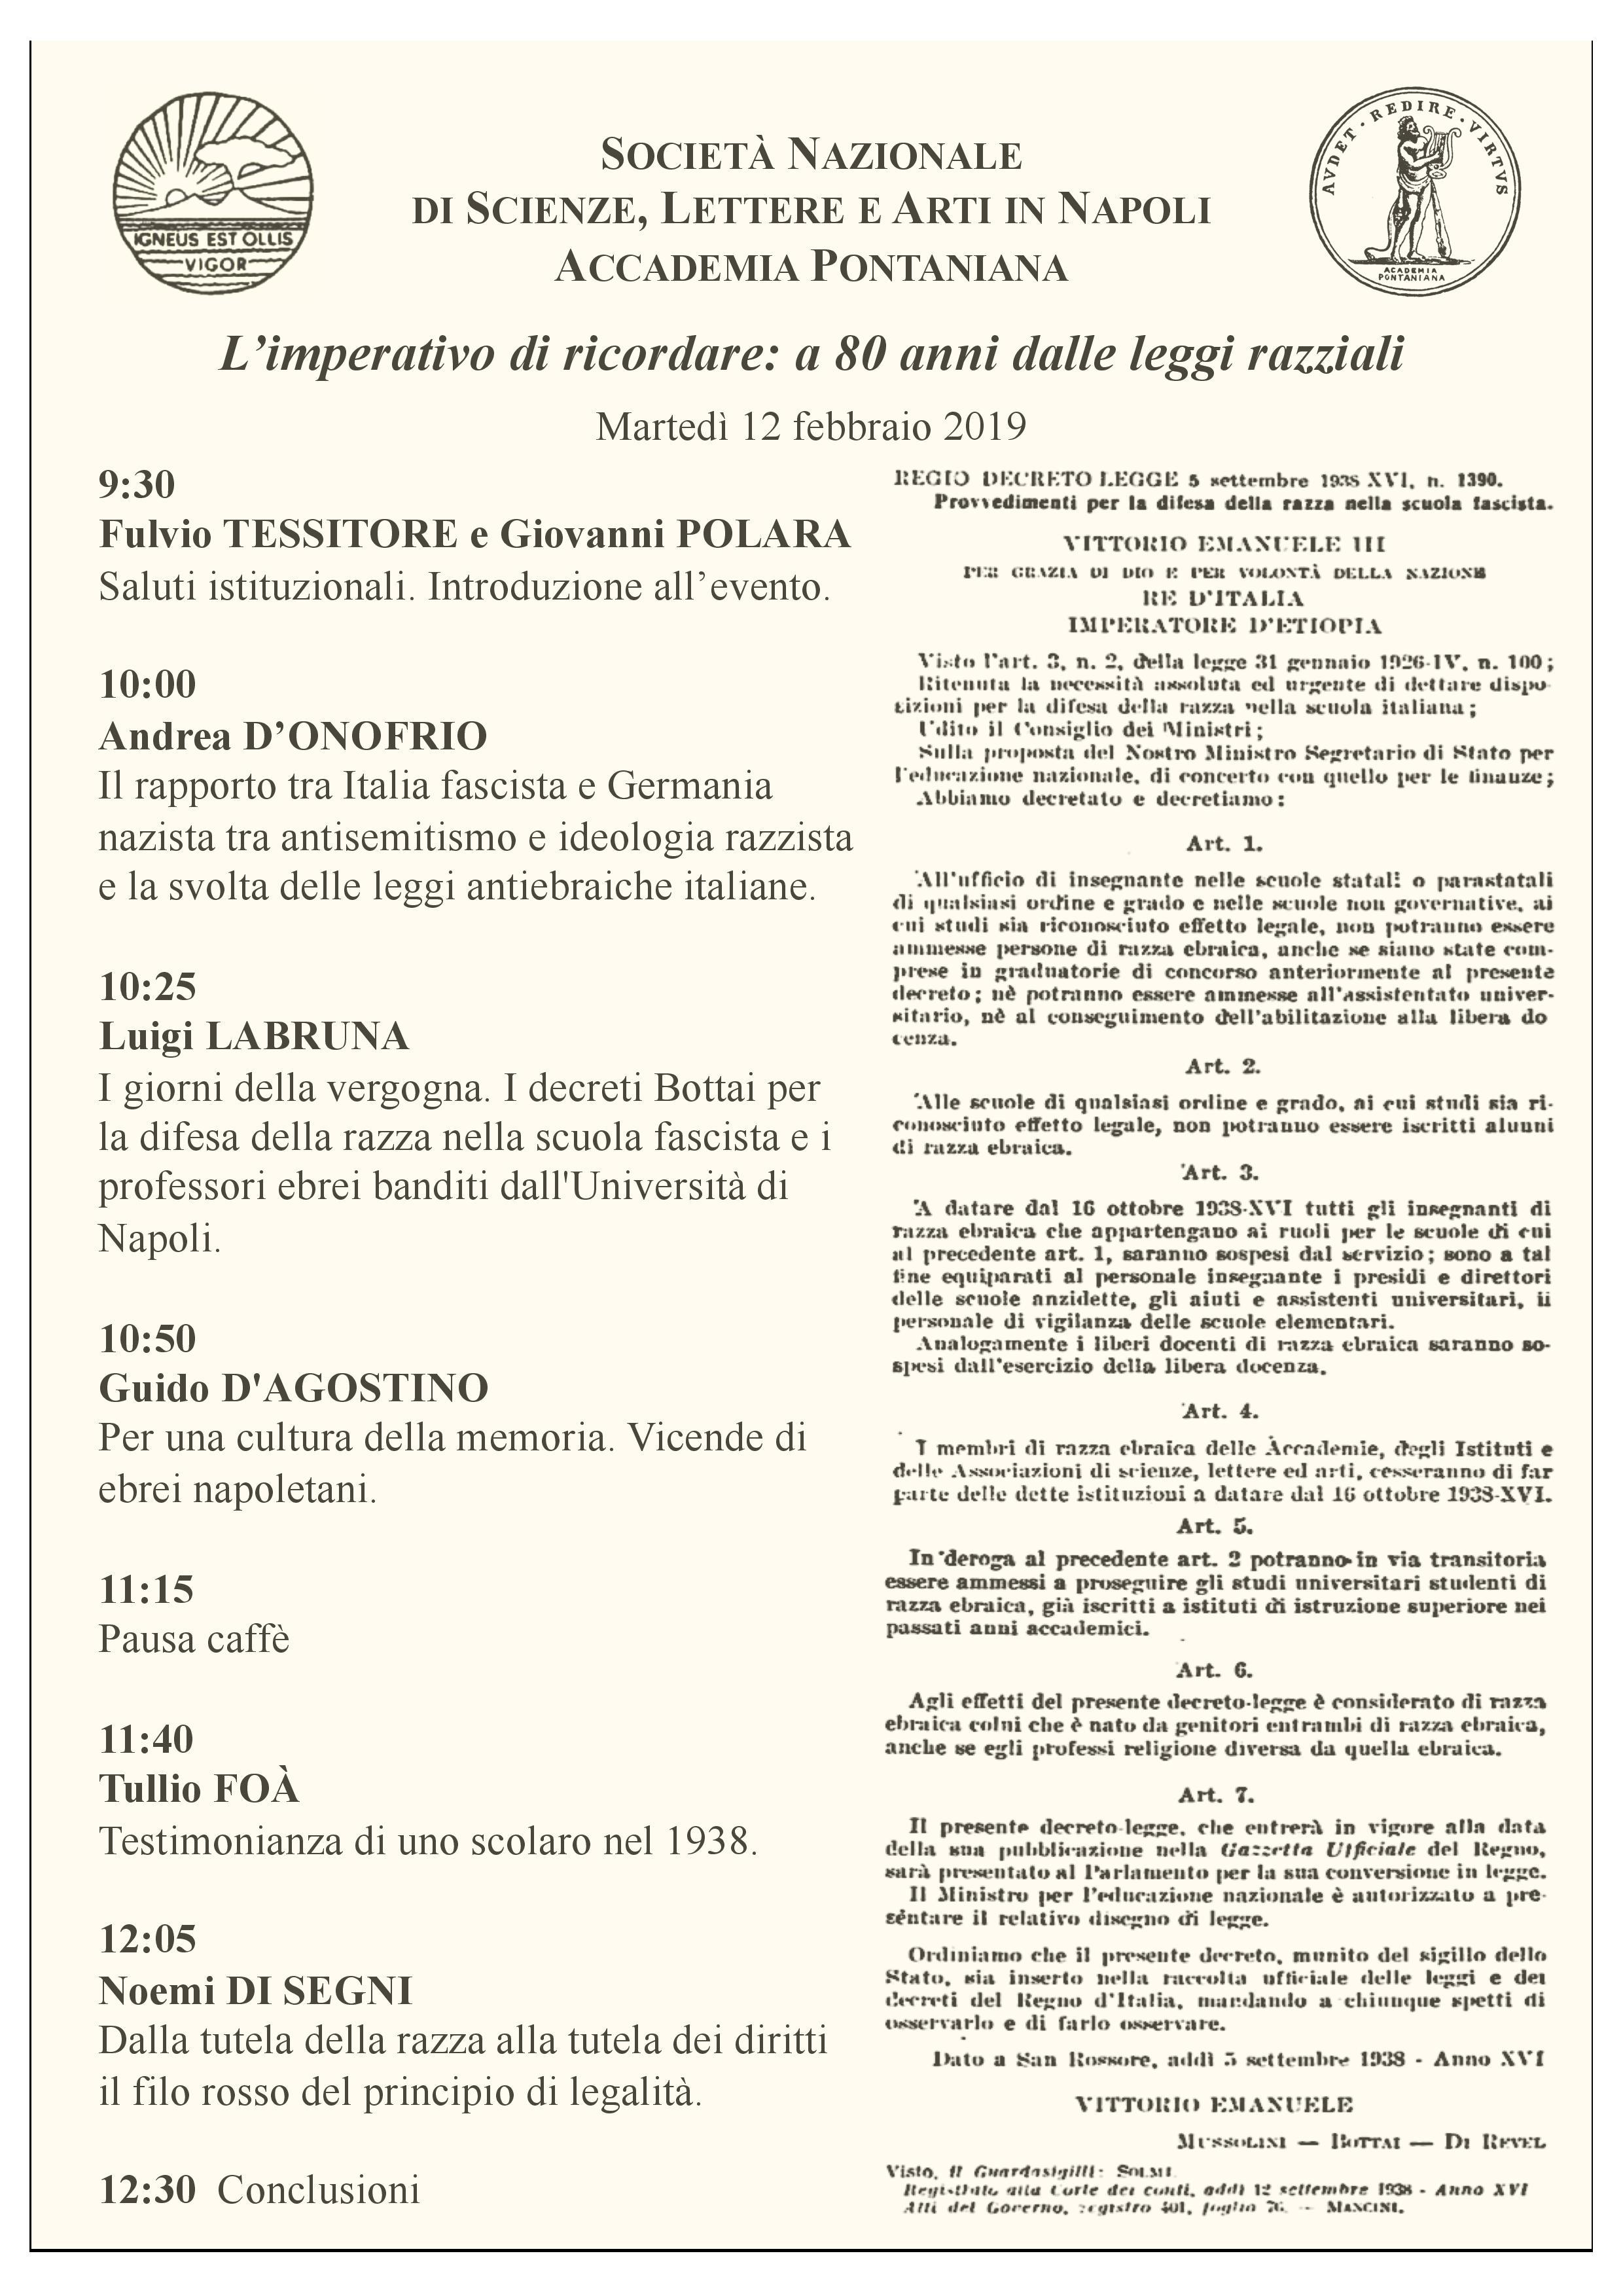 Locandina Leggi razziali 12 feb 2019-page-001